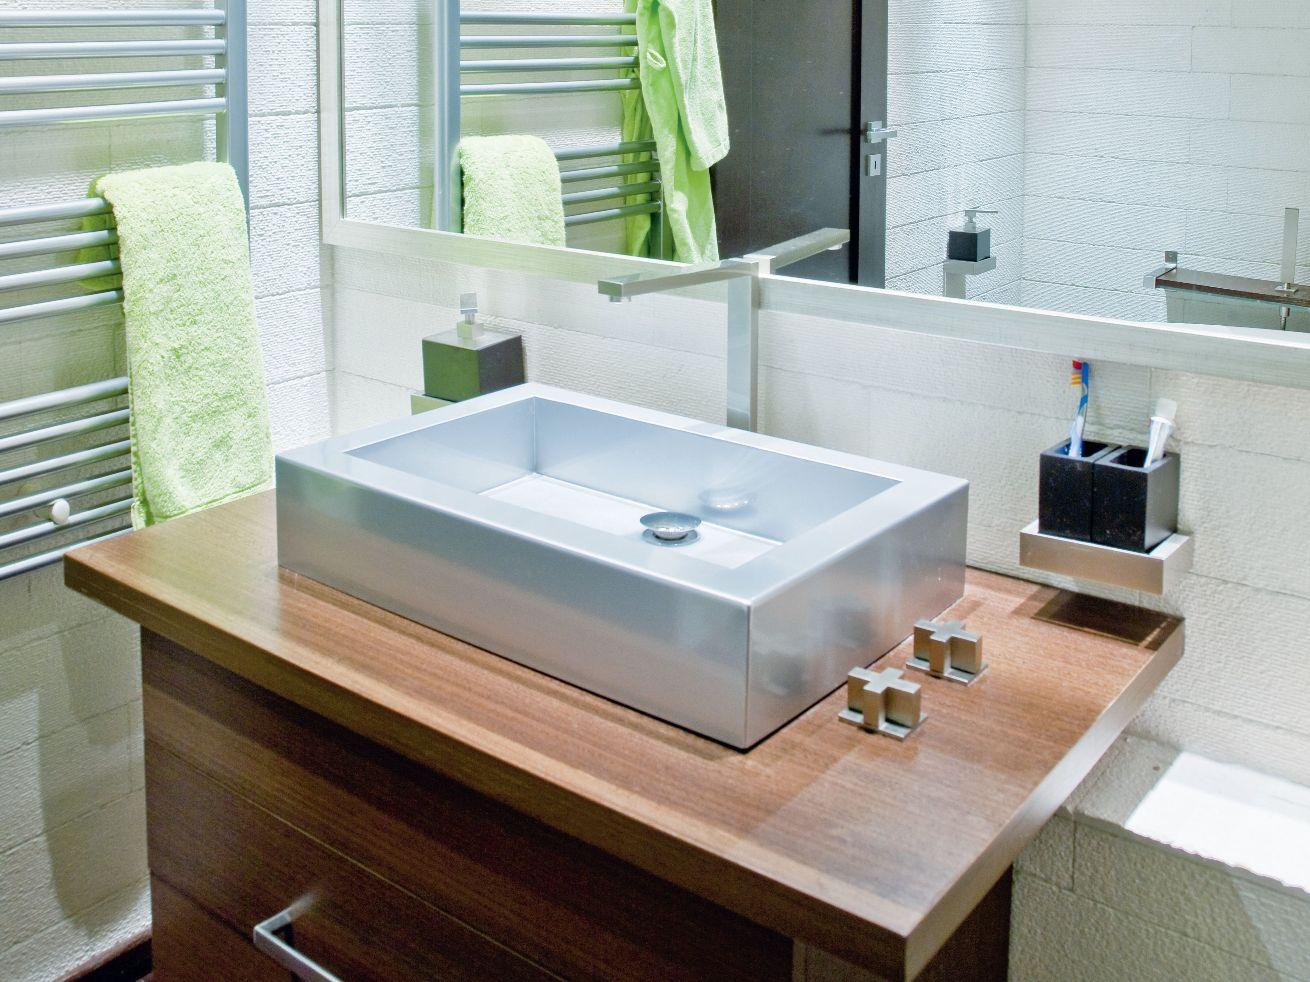 baie n stil industrial casa i gr dina. Black Bedroom Furniture Sets. Home Design Ideas